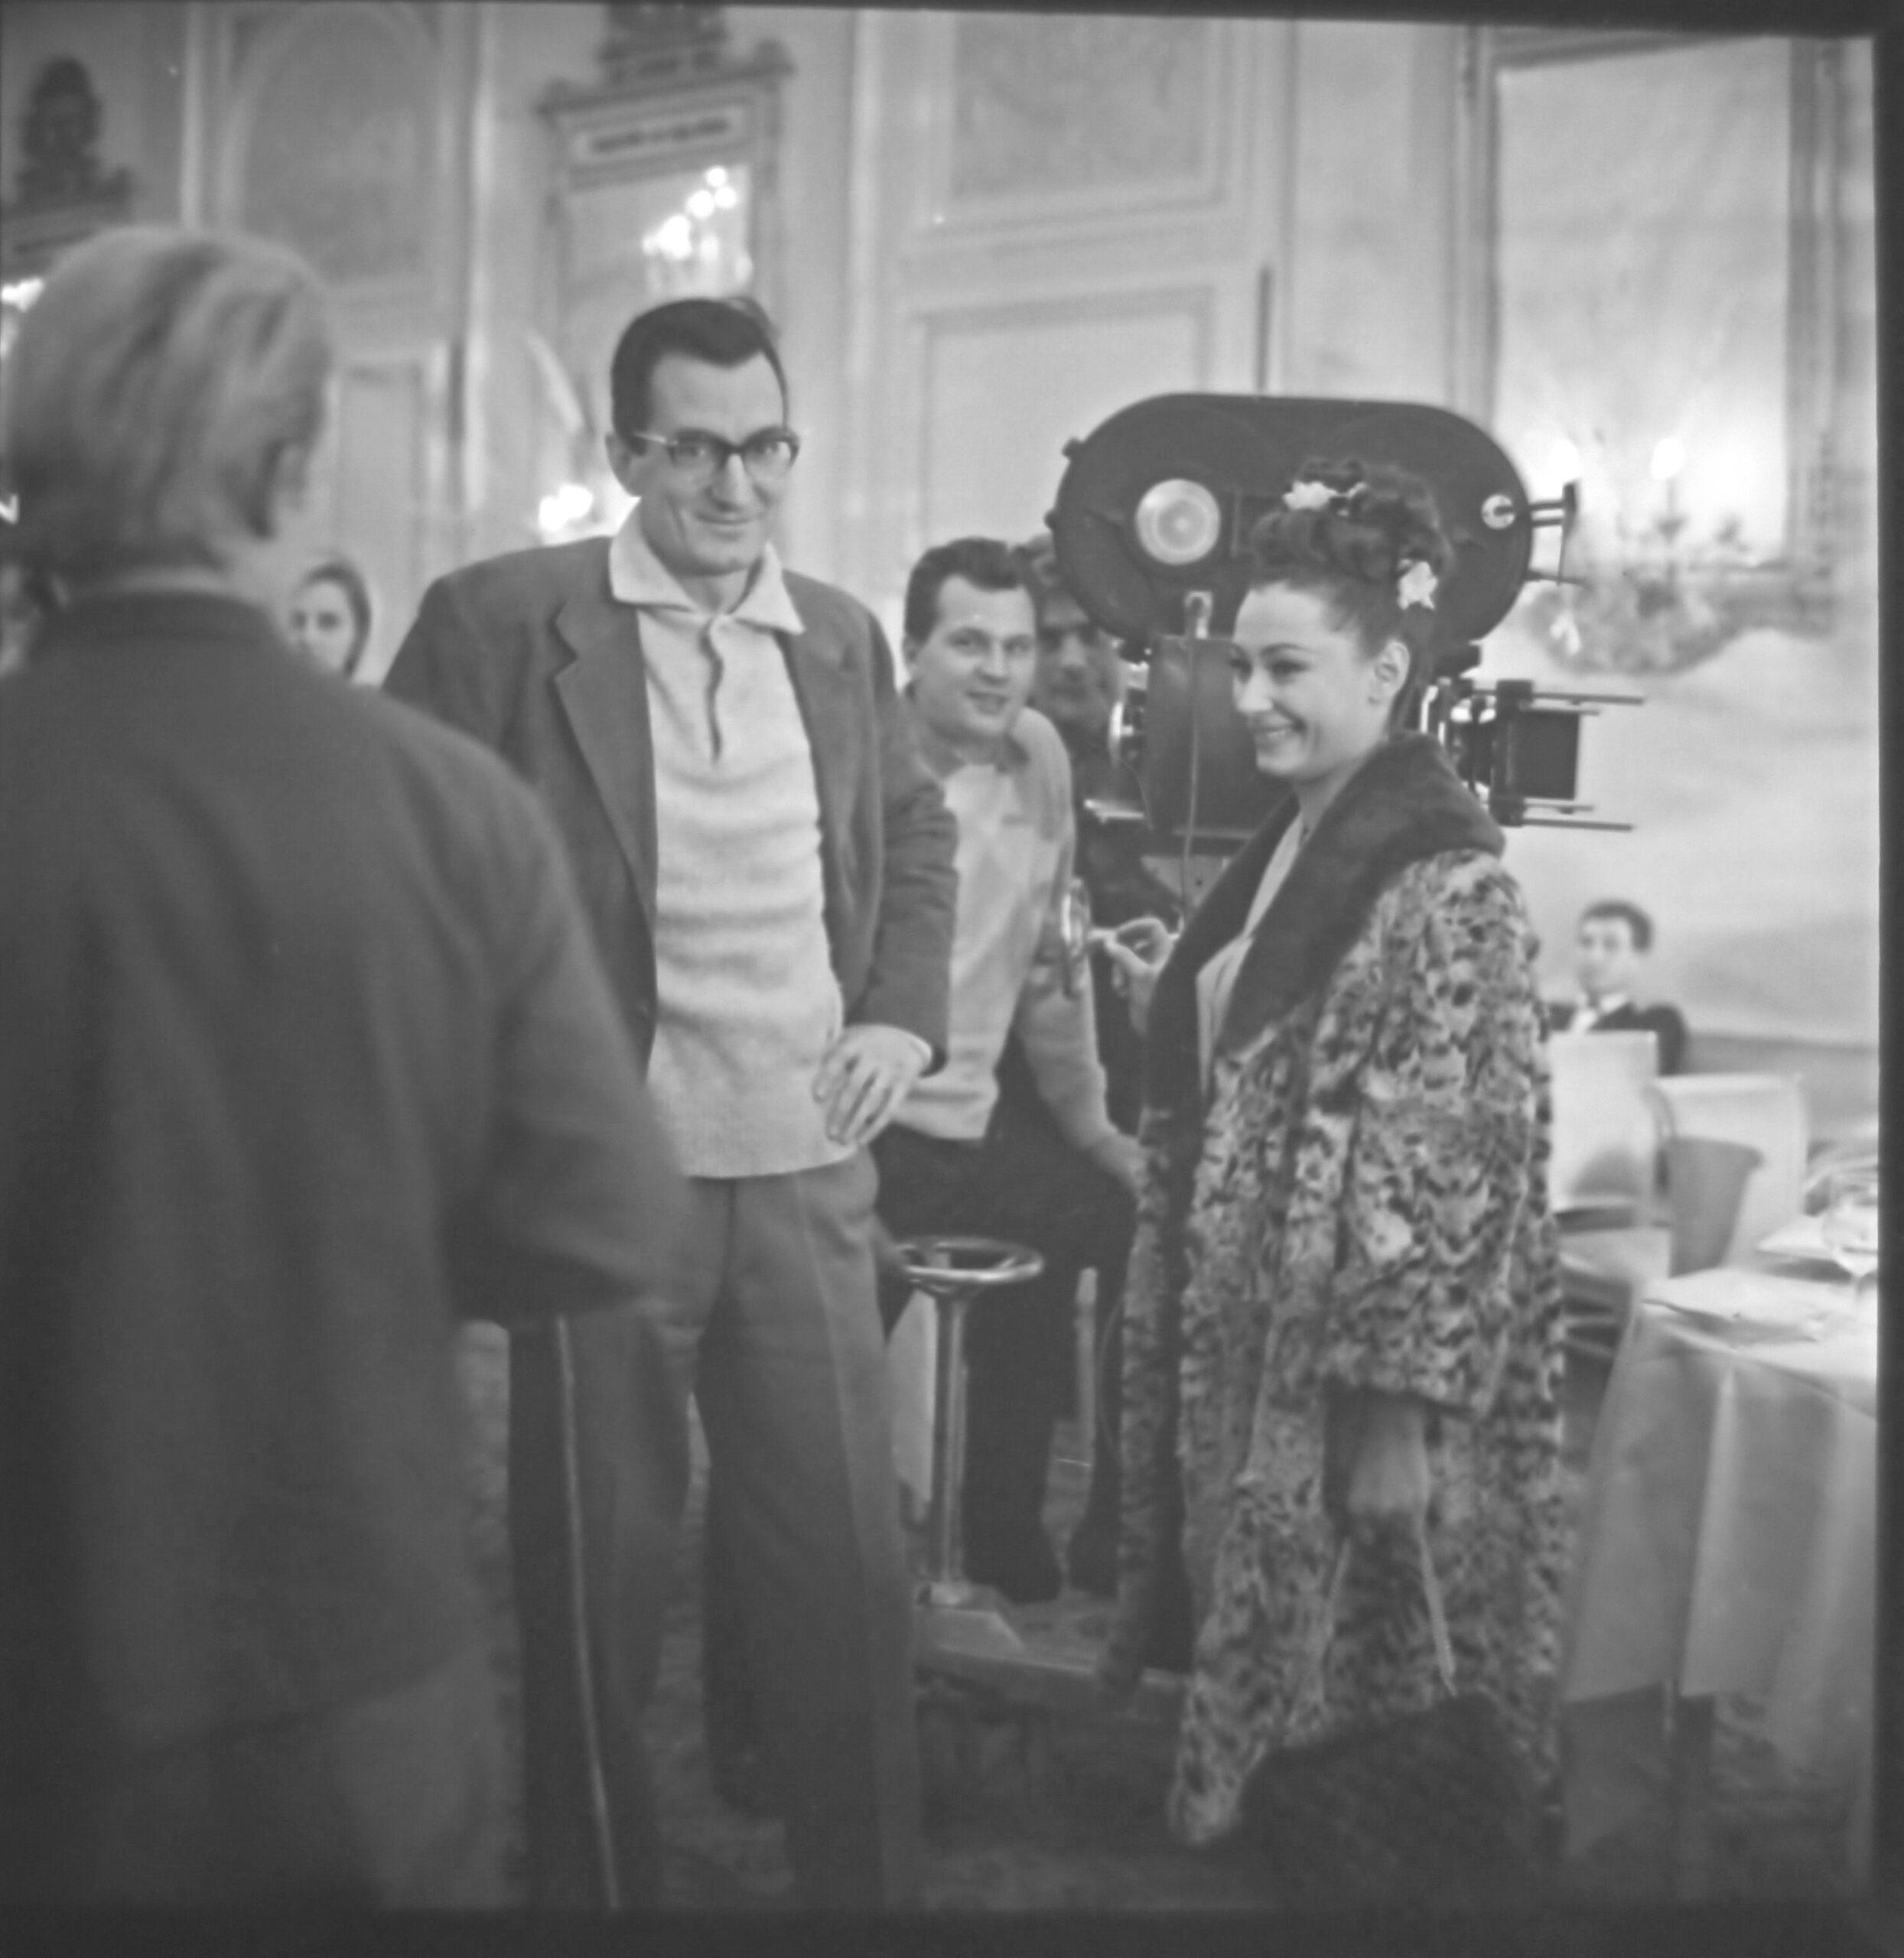 Raffaella Carrà a Cernobbio con il regista Lizzani, 1964